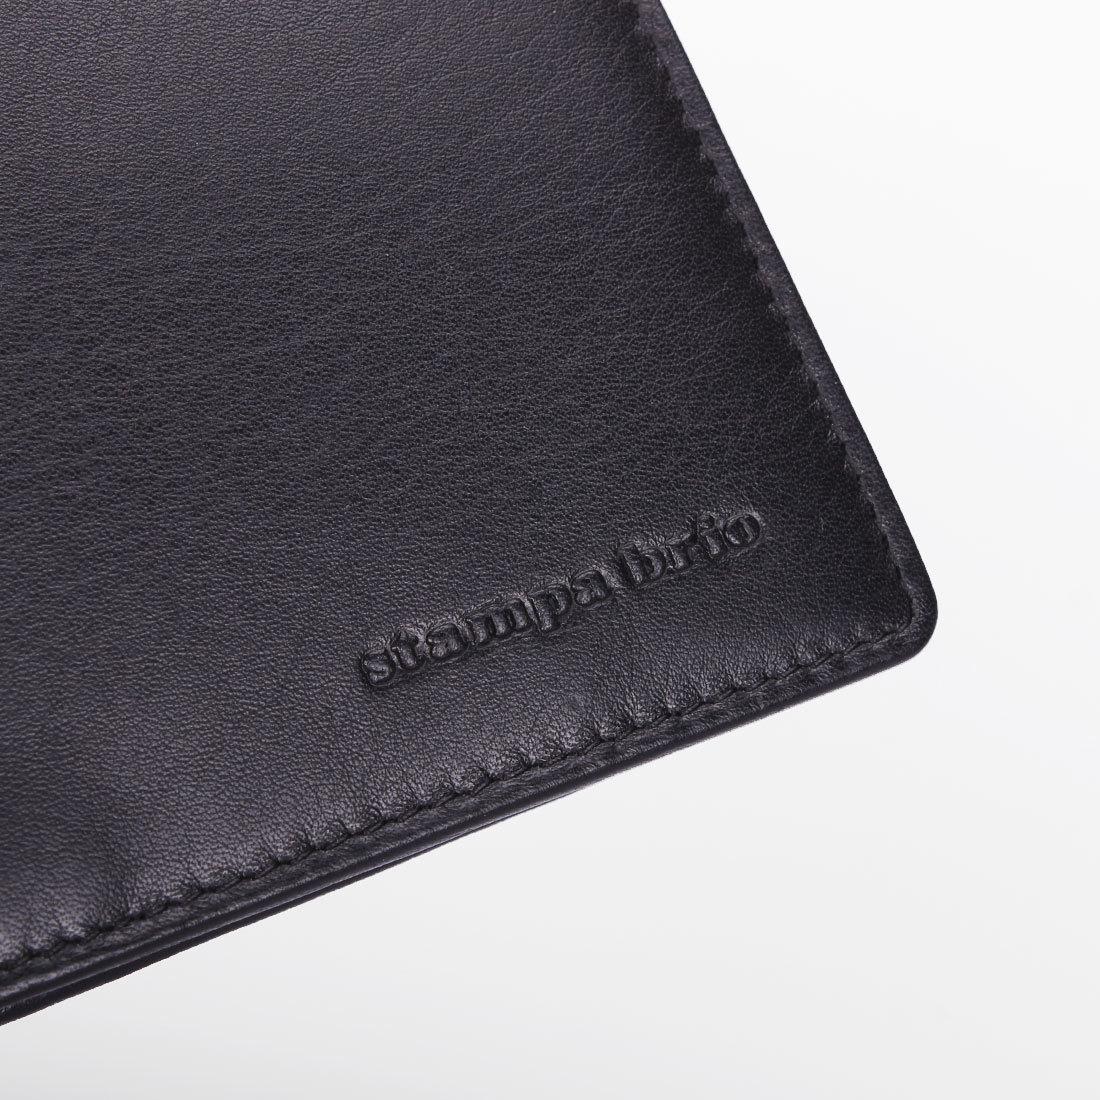 101 R - Обложка для документов с RFID защитой